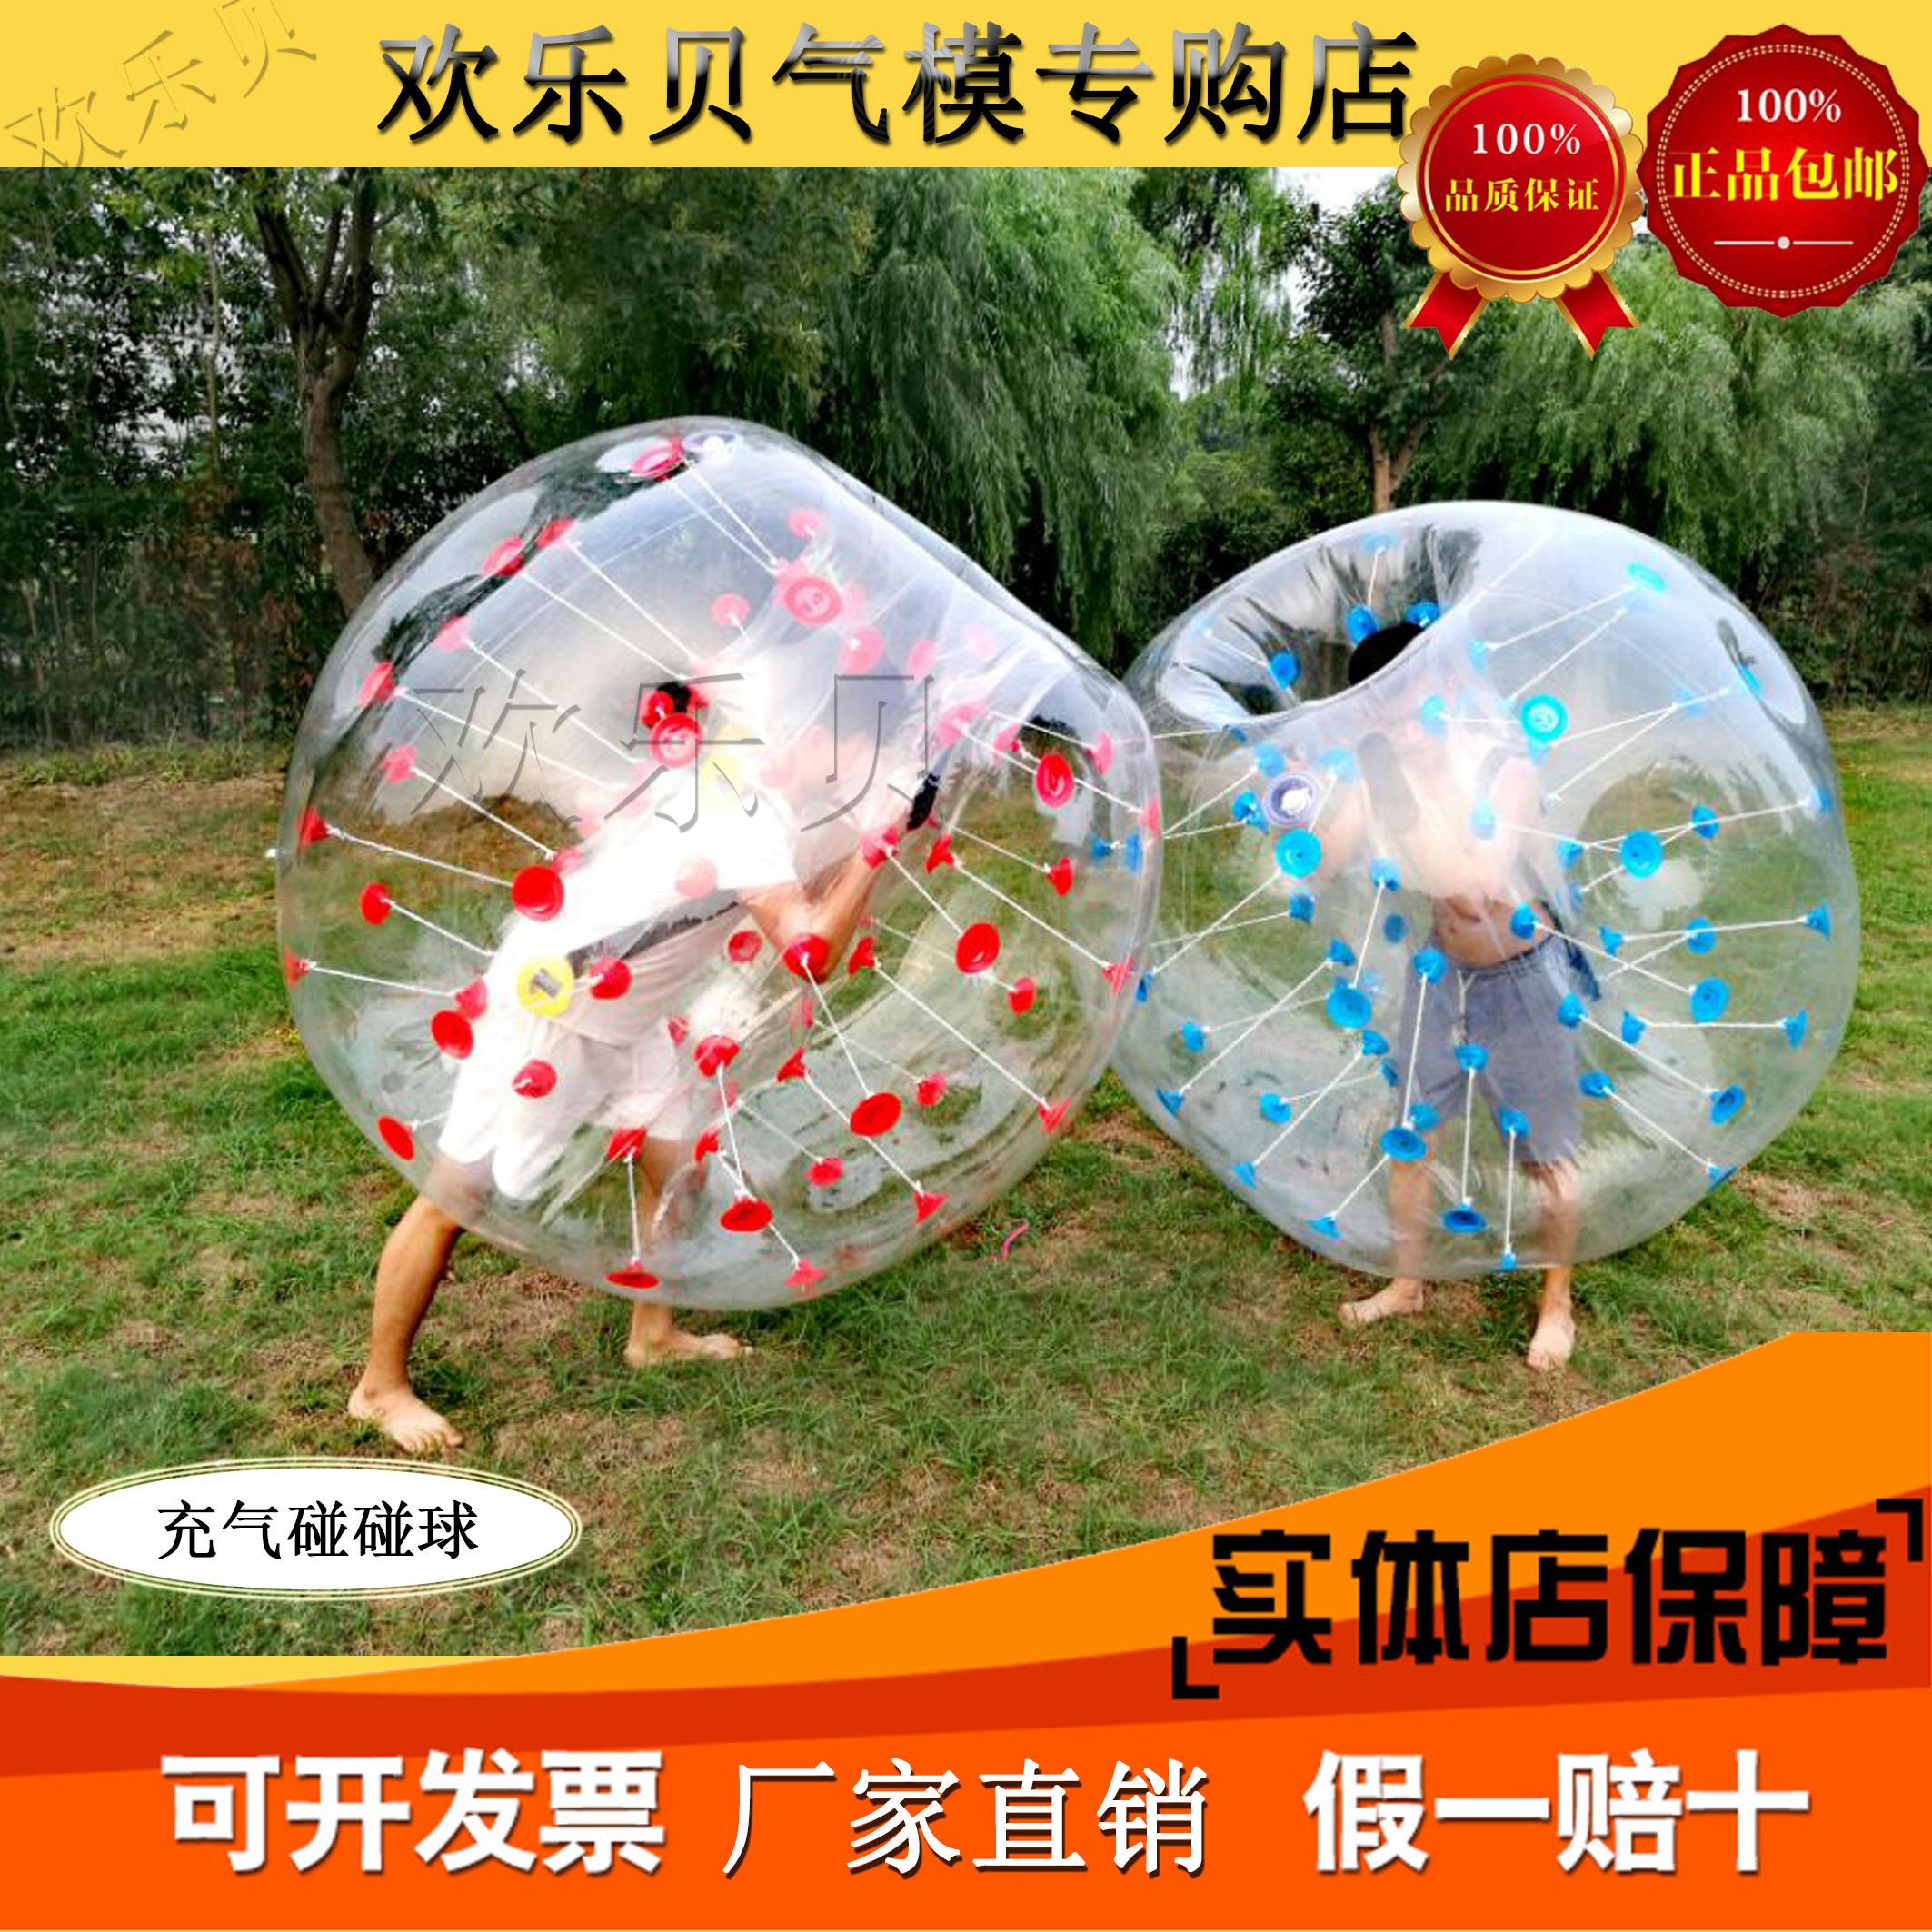 趣味运动会道具充气碰碰球碰撞球成人户外水上步行球滚筒儿童